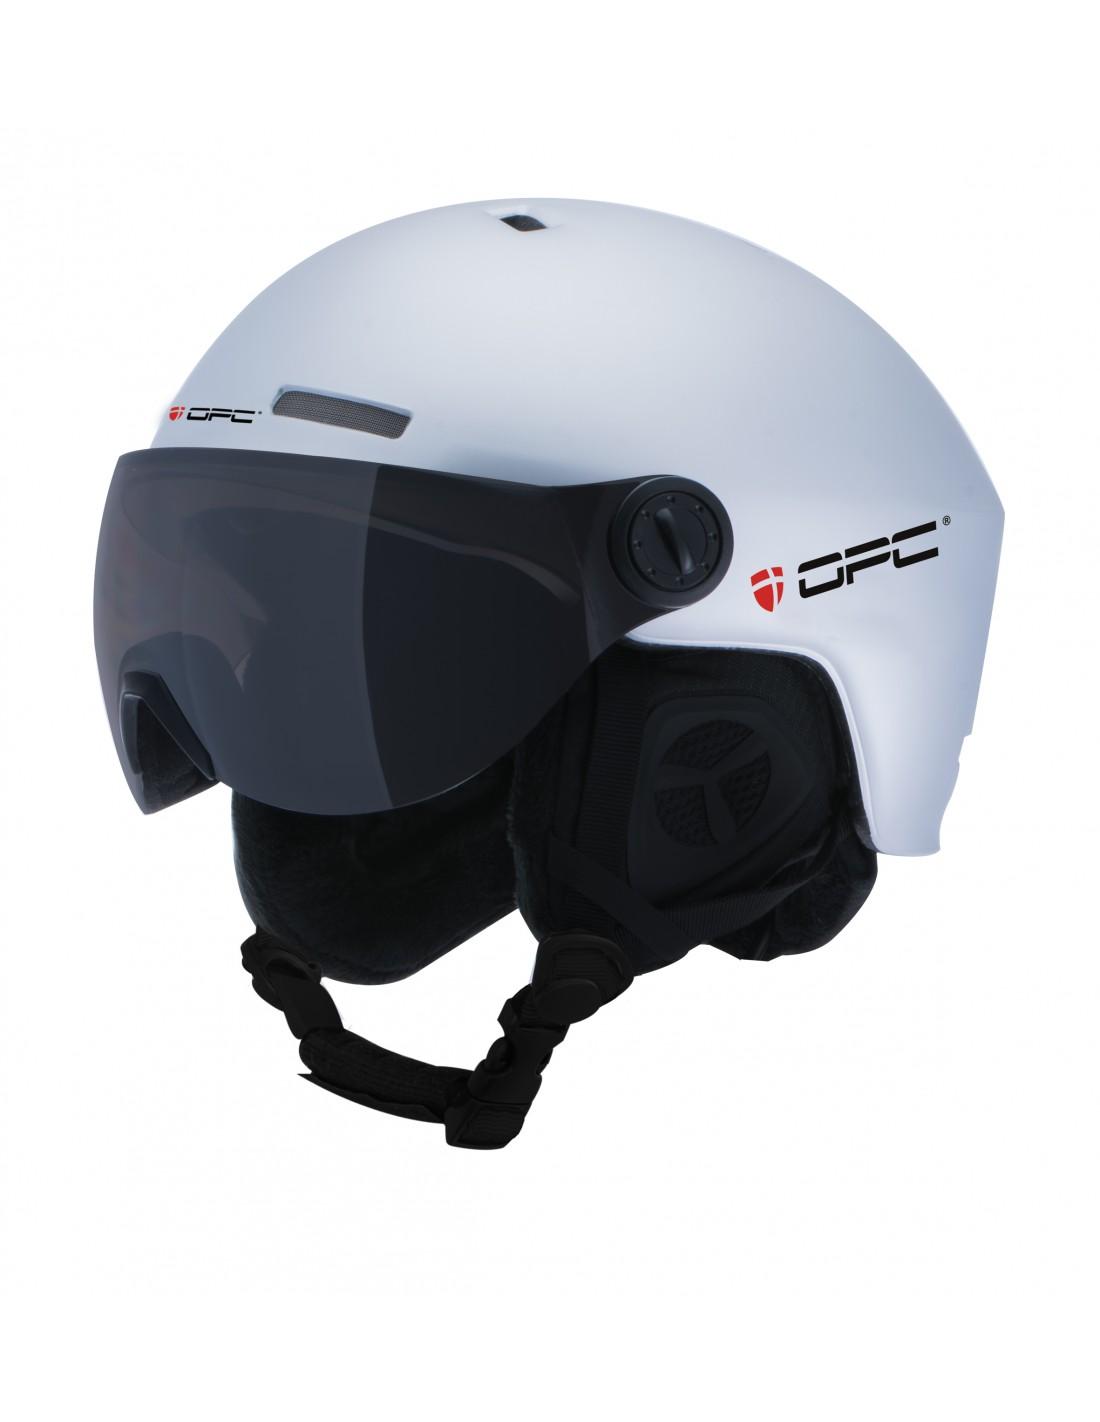 OPC – gogle, kaski narciarskie, okulary sportowe